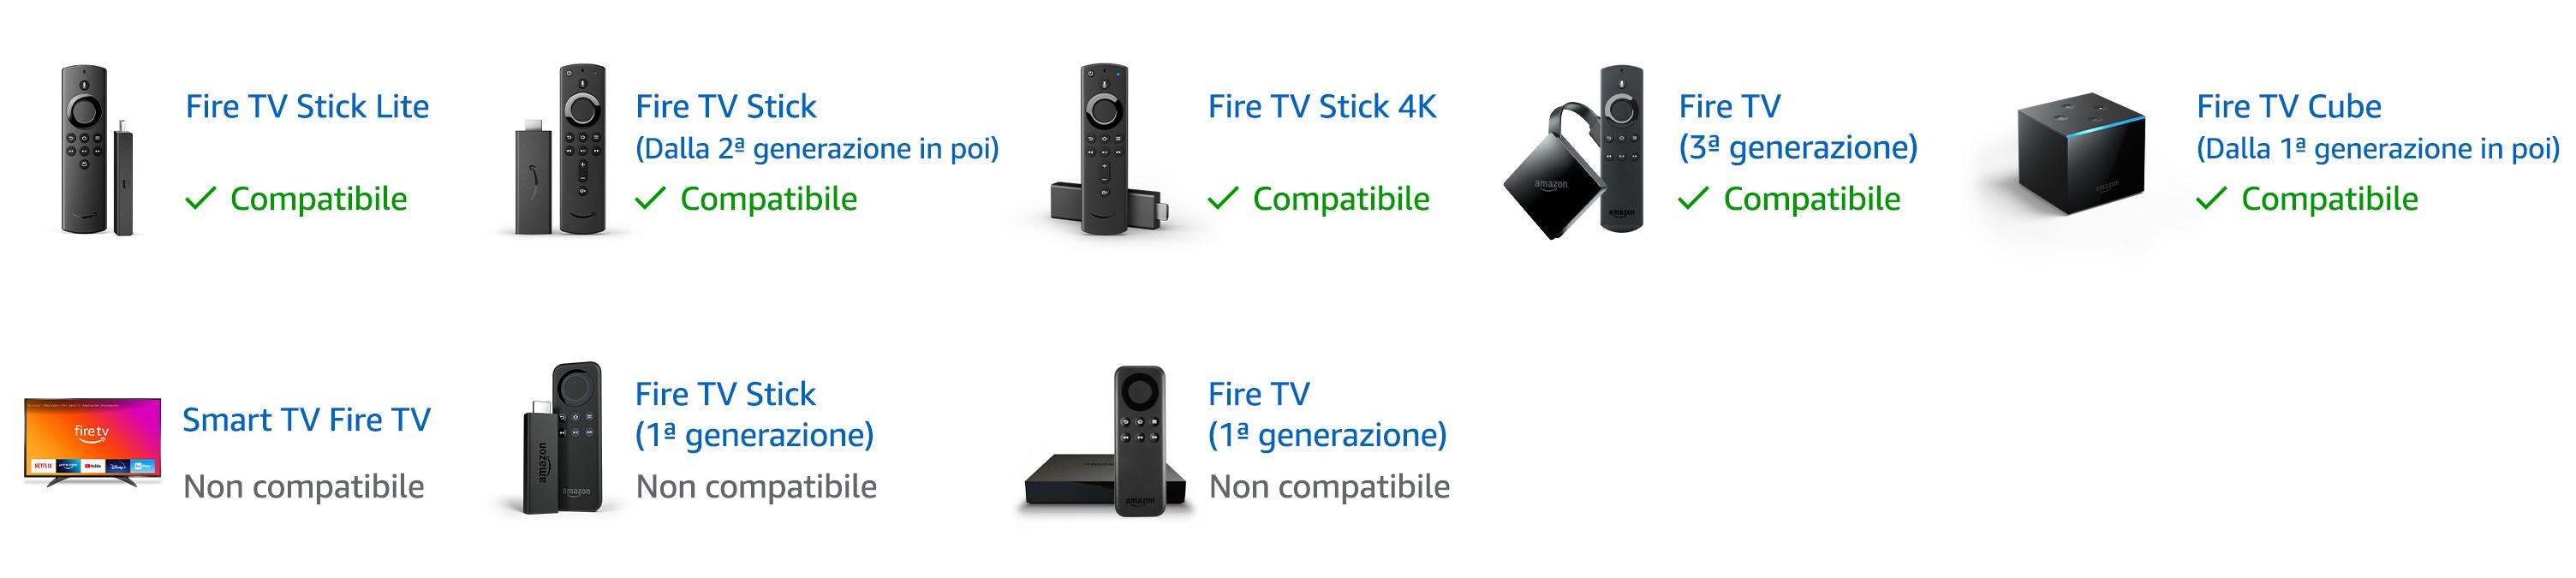 Tipi di Fire TV compatibili con il telecomando vocale Alexa (3ª generazione)